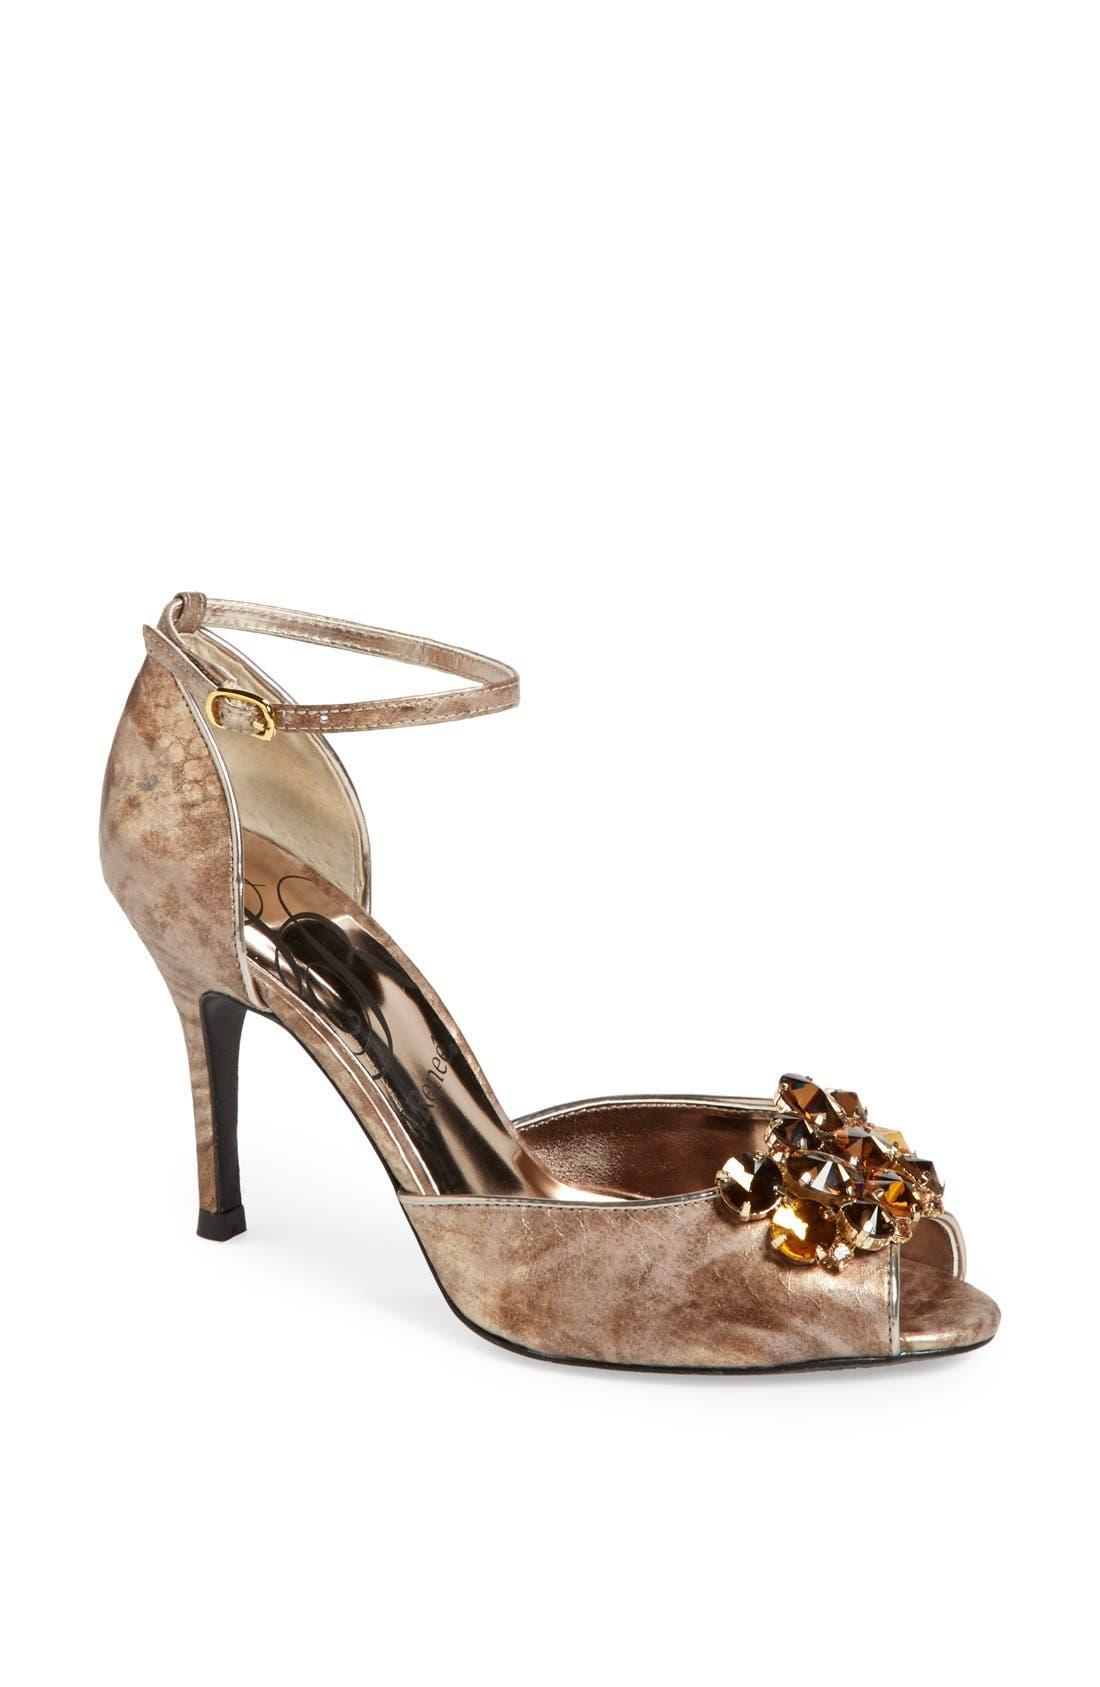 Main Image - J. Reneé 'Deneen' Embellished Ankle Strap Sandal